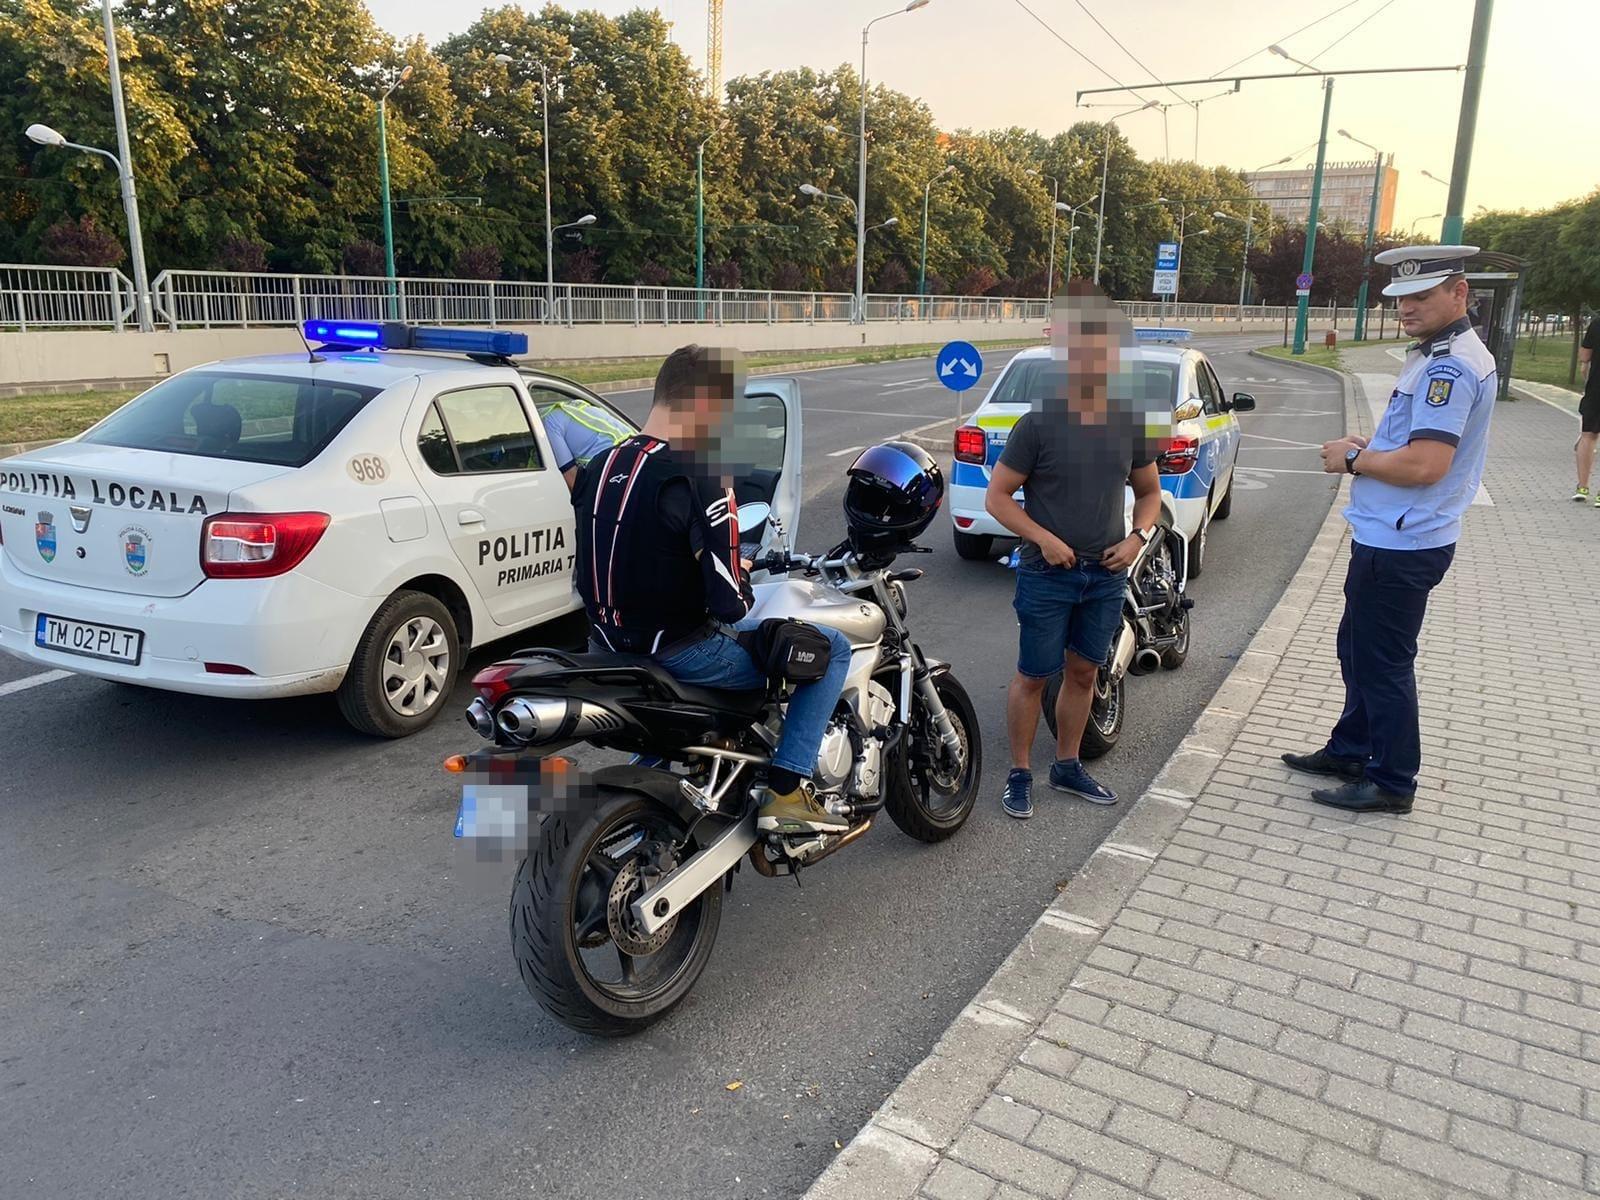 Acțiune rutieră în rândul motocicliștilor